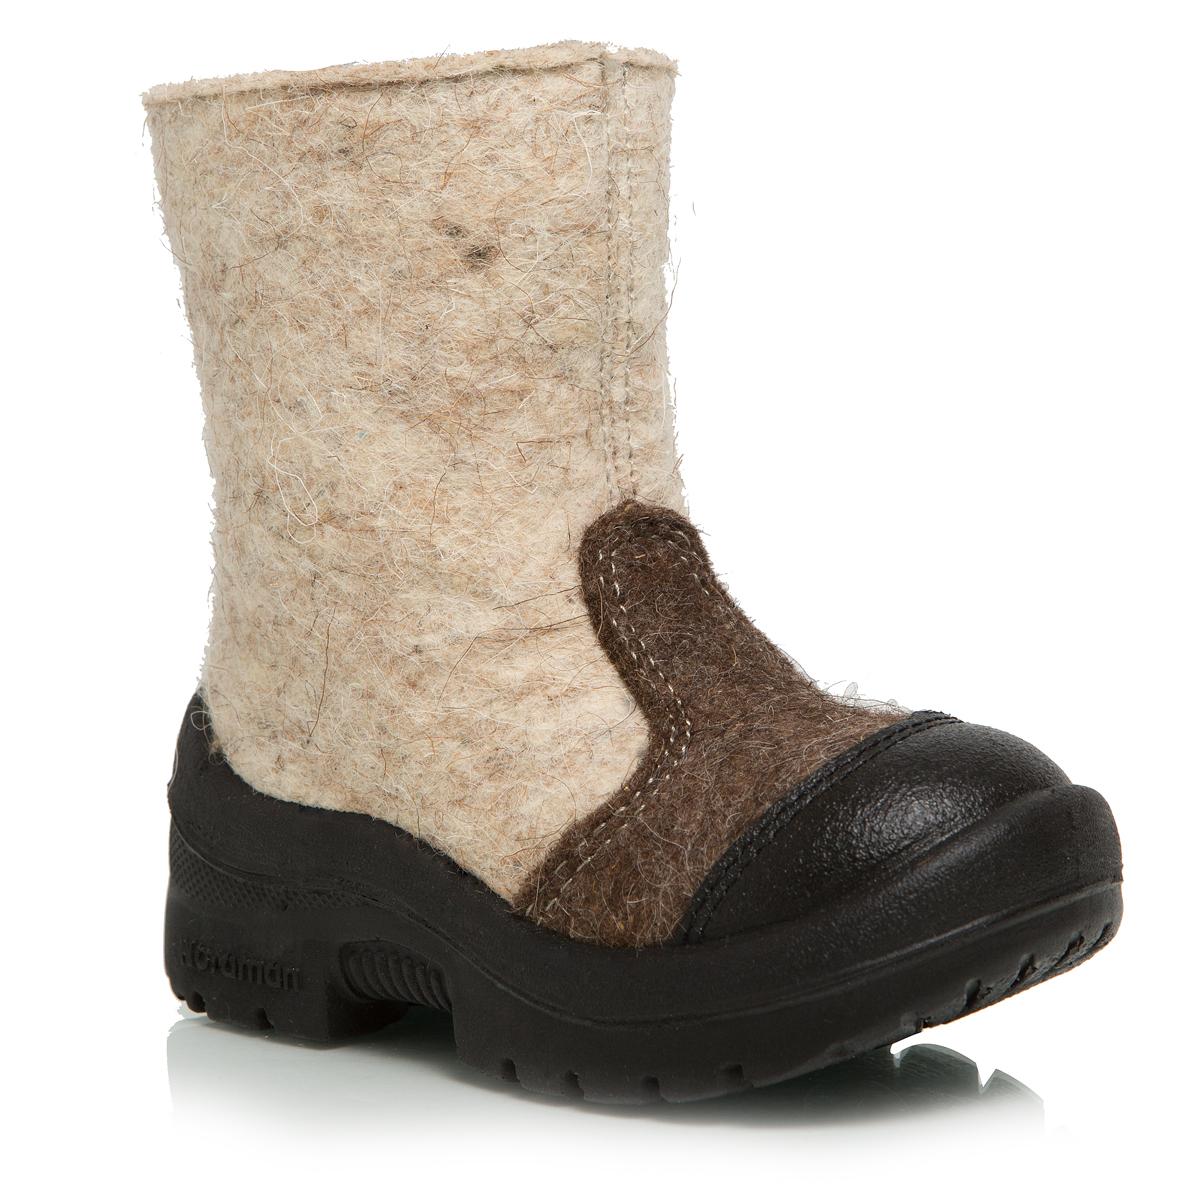 Валенки детские Nordman, цвет: бежевый. 114010-03. Размер 23114010-03Валенки Nordman выполнены из качественного войлока. Носок дополнительно усилен вставкой из натуральной кожи. На ноге модель фиксируется с помощью удобной застежки-молнии.Внутренняя поверхность выполнена из натуральной шерсти, которая обеспечит тепло и комфорт. Съемная стелька также выполнена из натуральной шерсти. Подошва изготовлена из полиуретана и дополнена протектором, который обеспечит отличное сцепление с любой поверхностью.